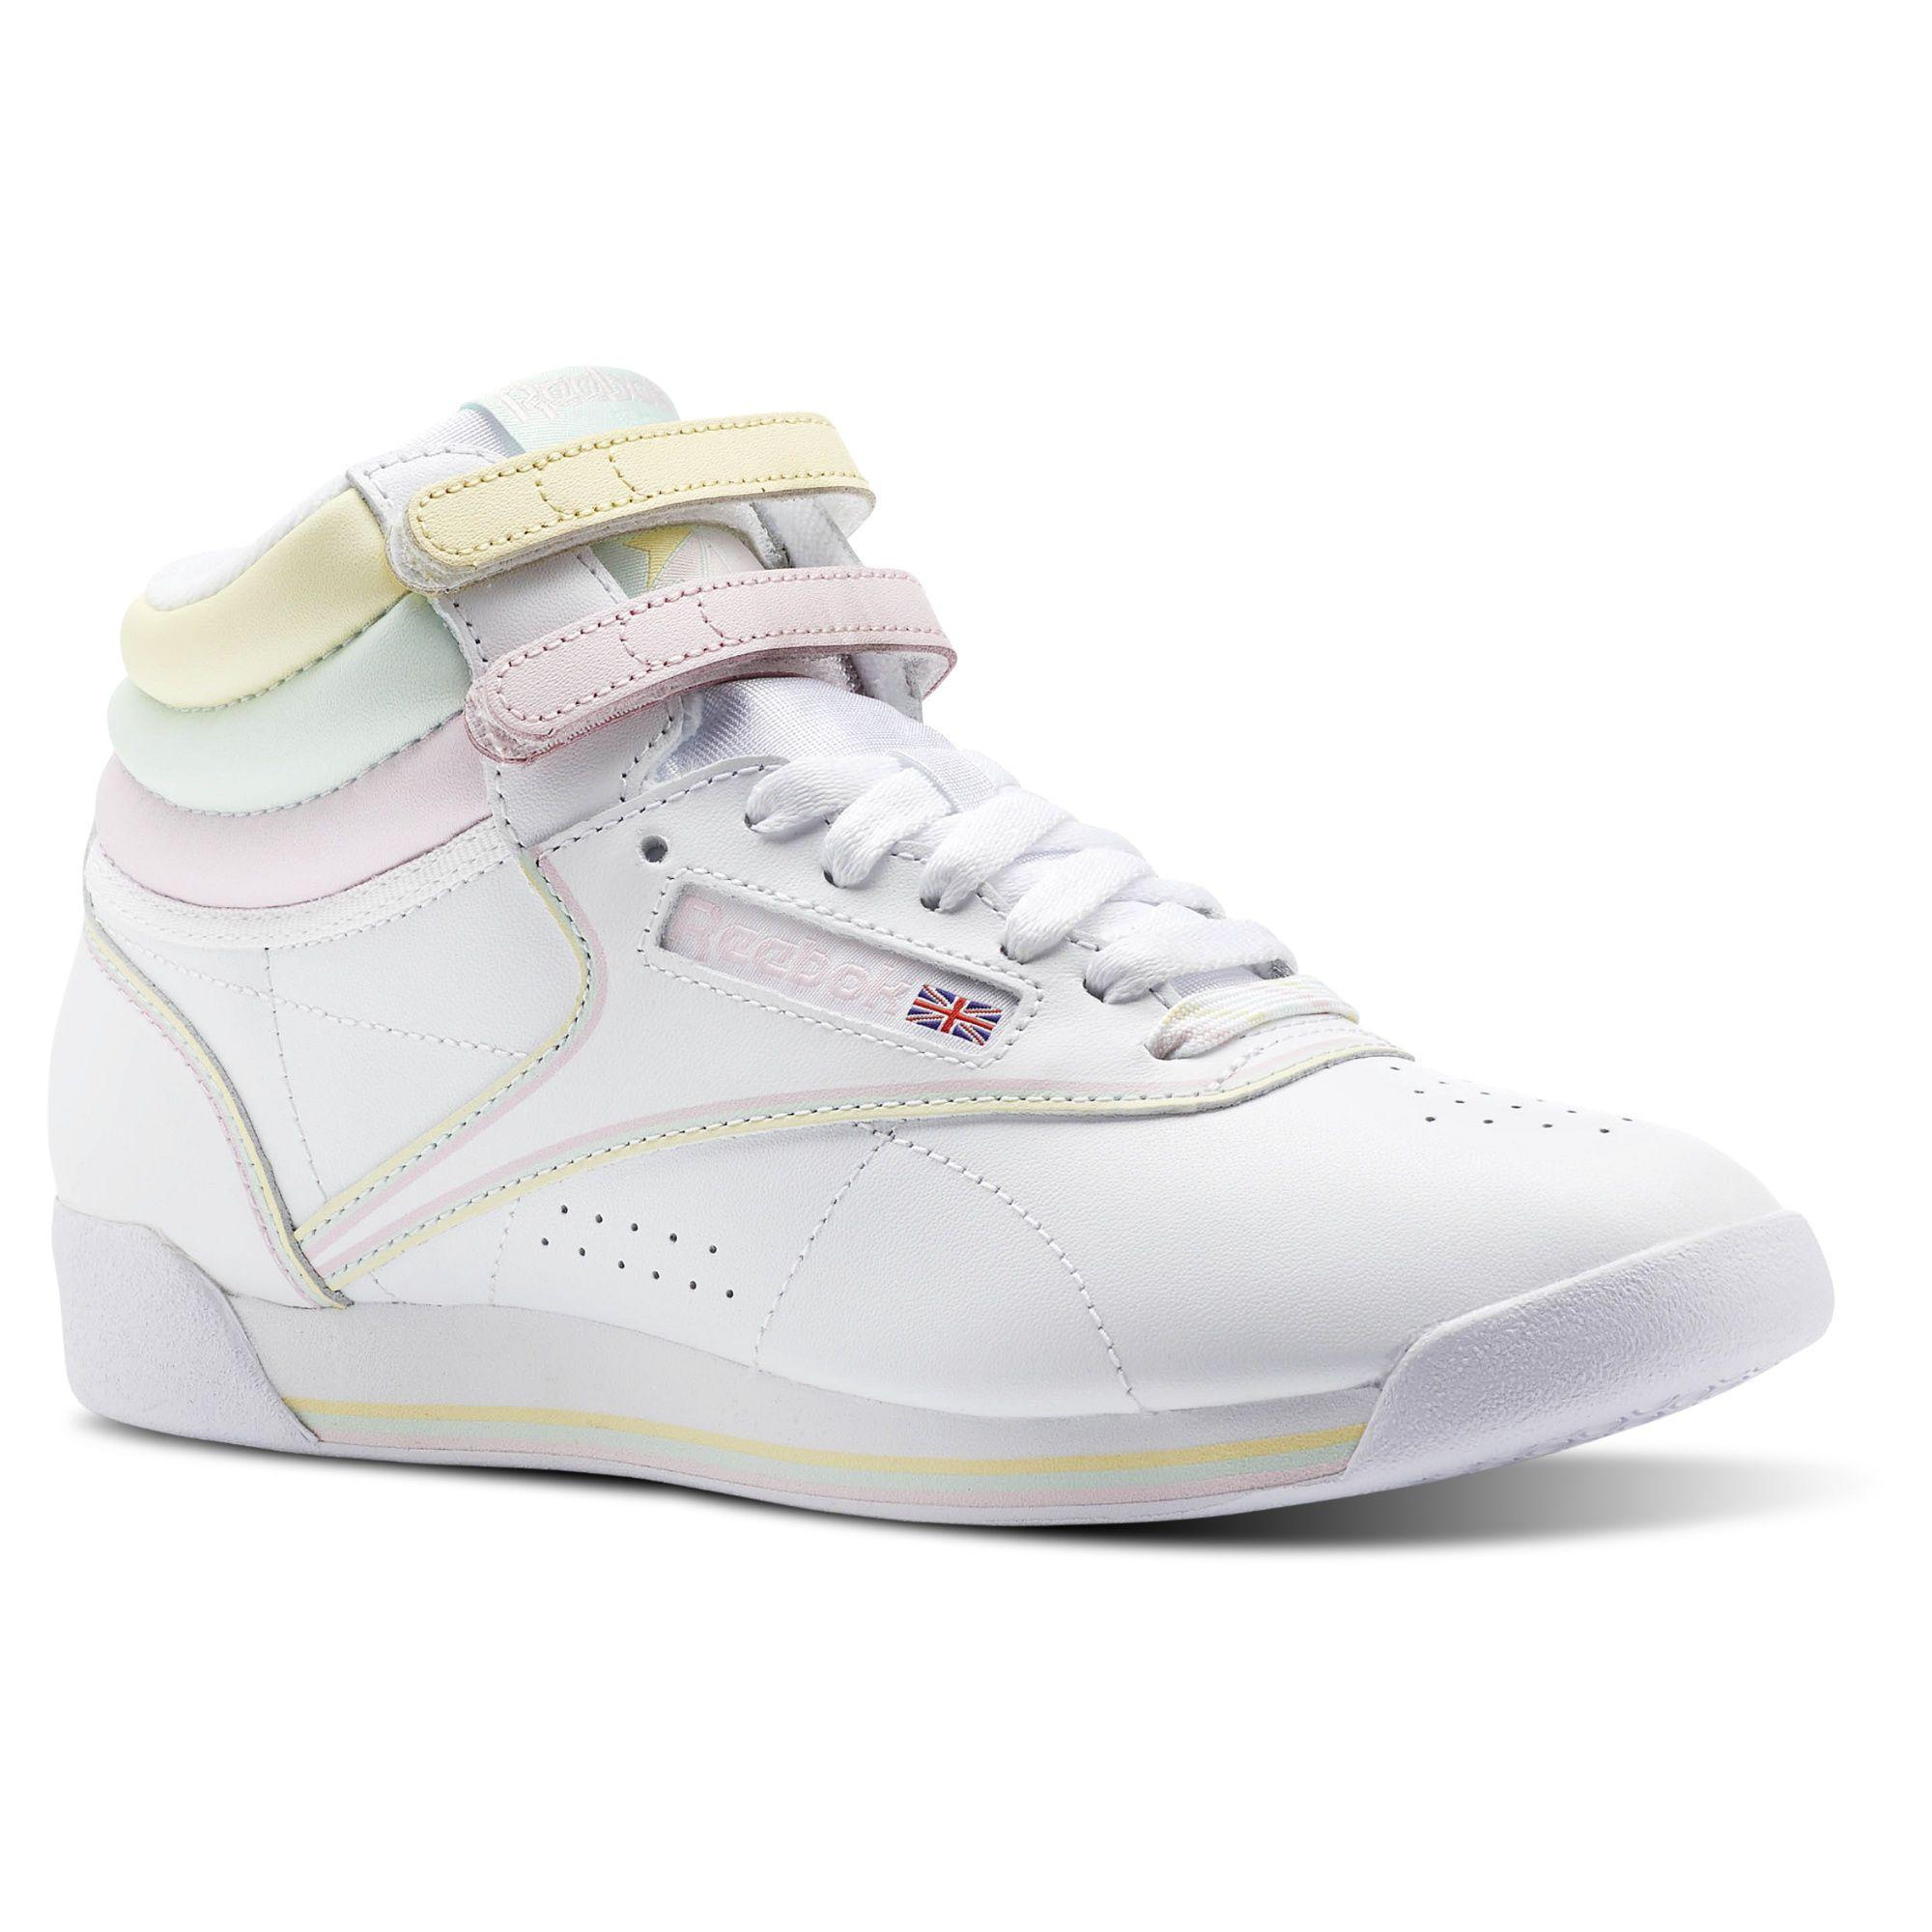 Reebok shoes women, Reebok freestyle